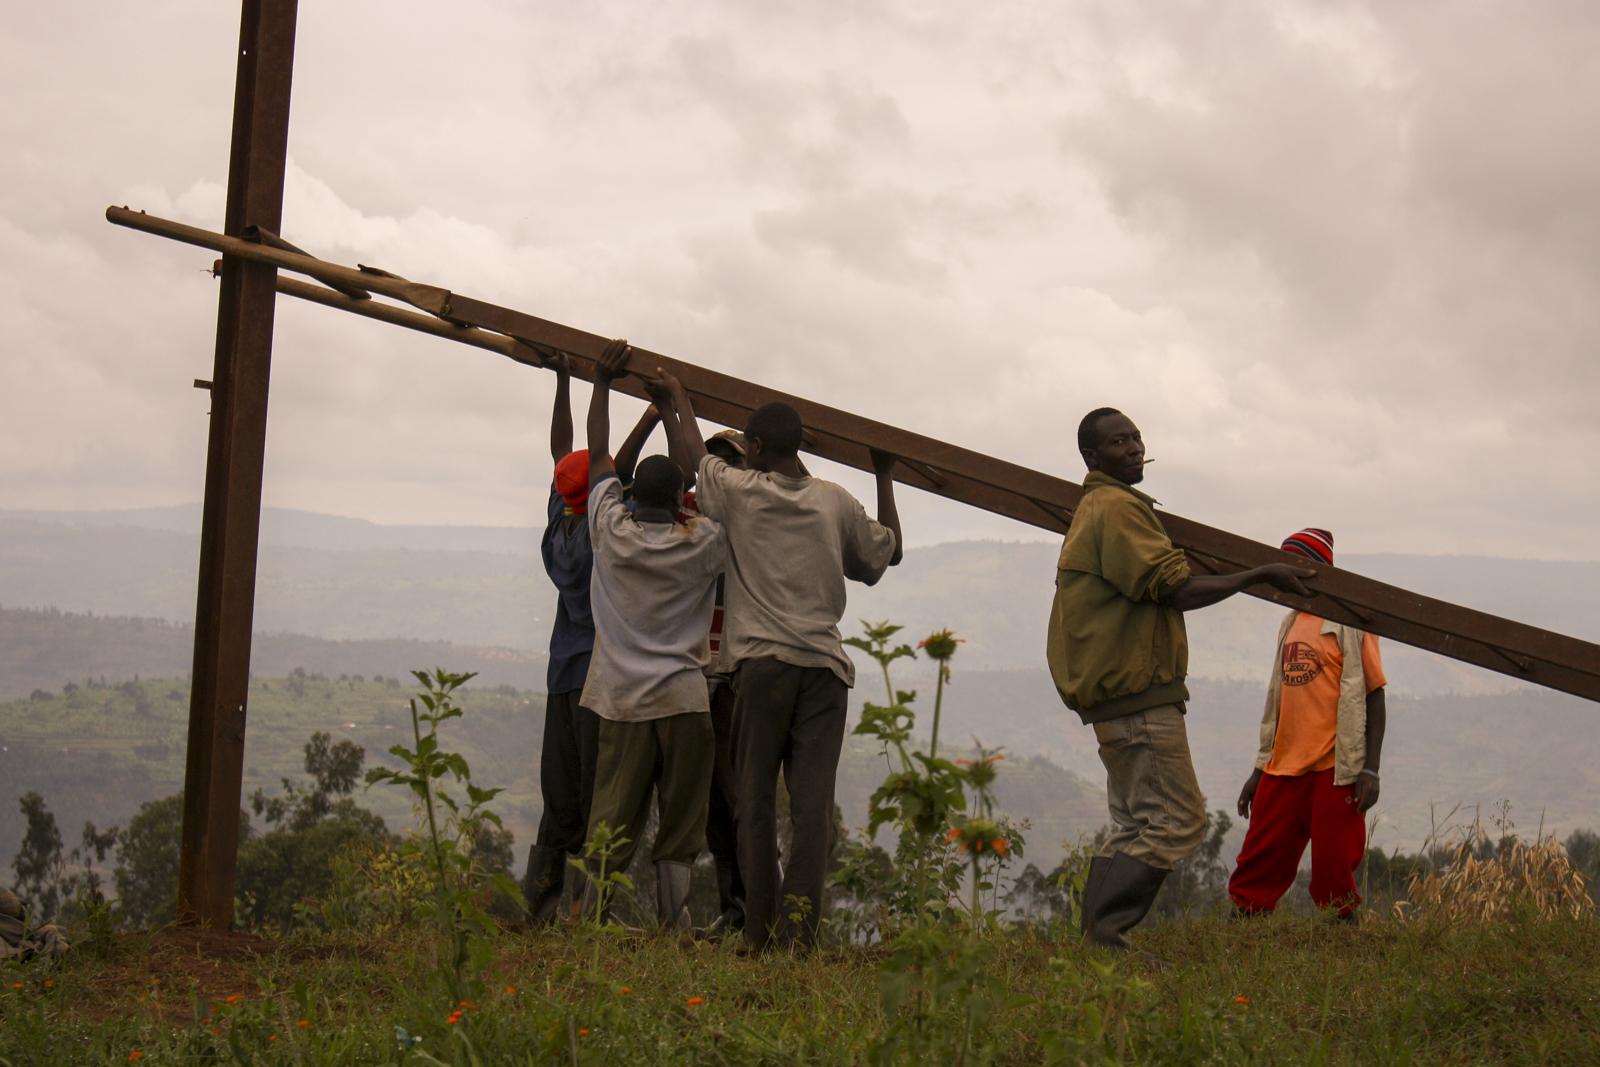 Un gruppo di operai è al lavoro per la sistemazione di un traliccio della corrente nell'area rurale nei dintorni di Murambi, Provincia Settentrionale.